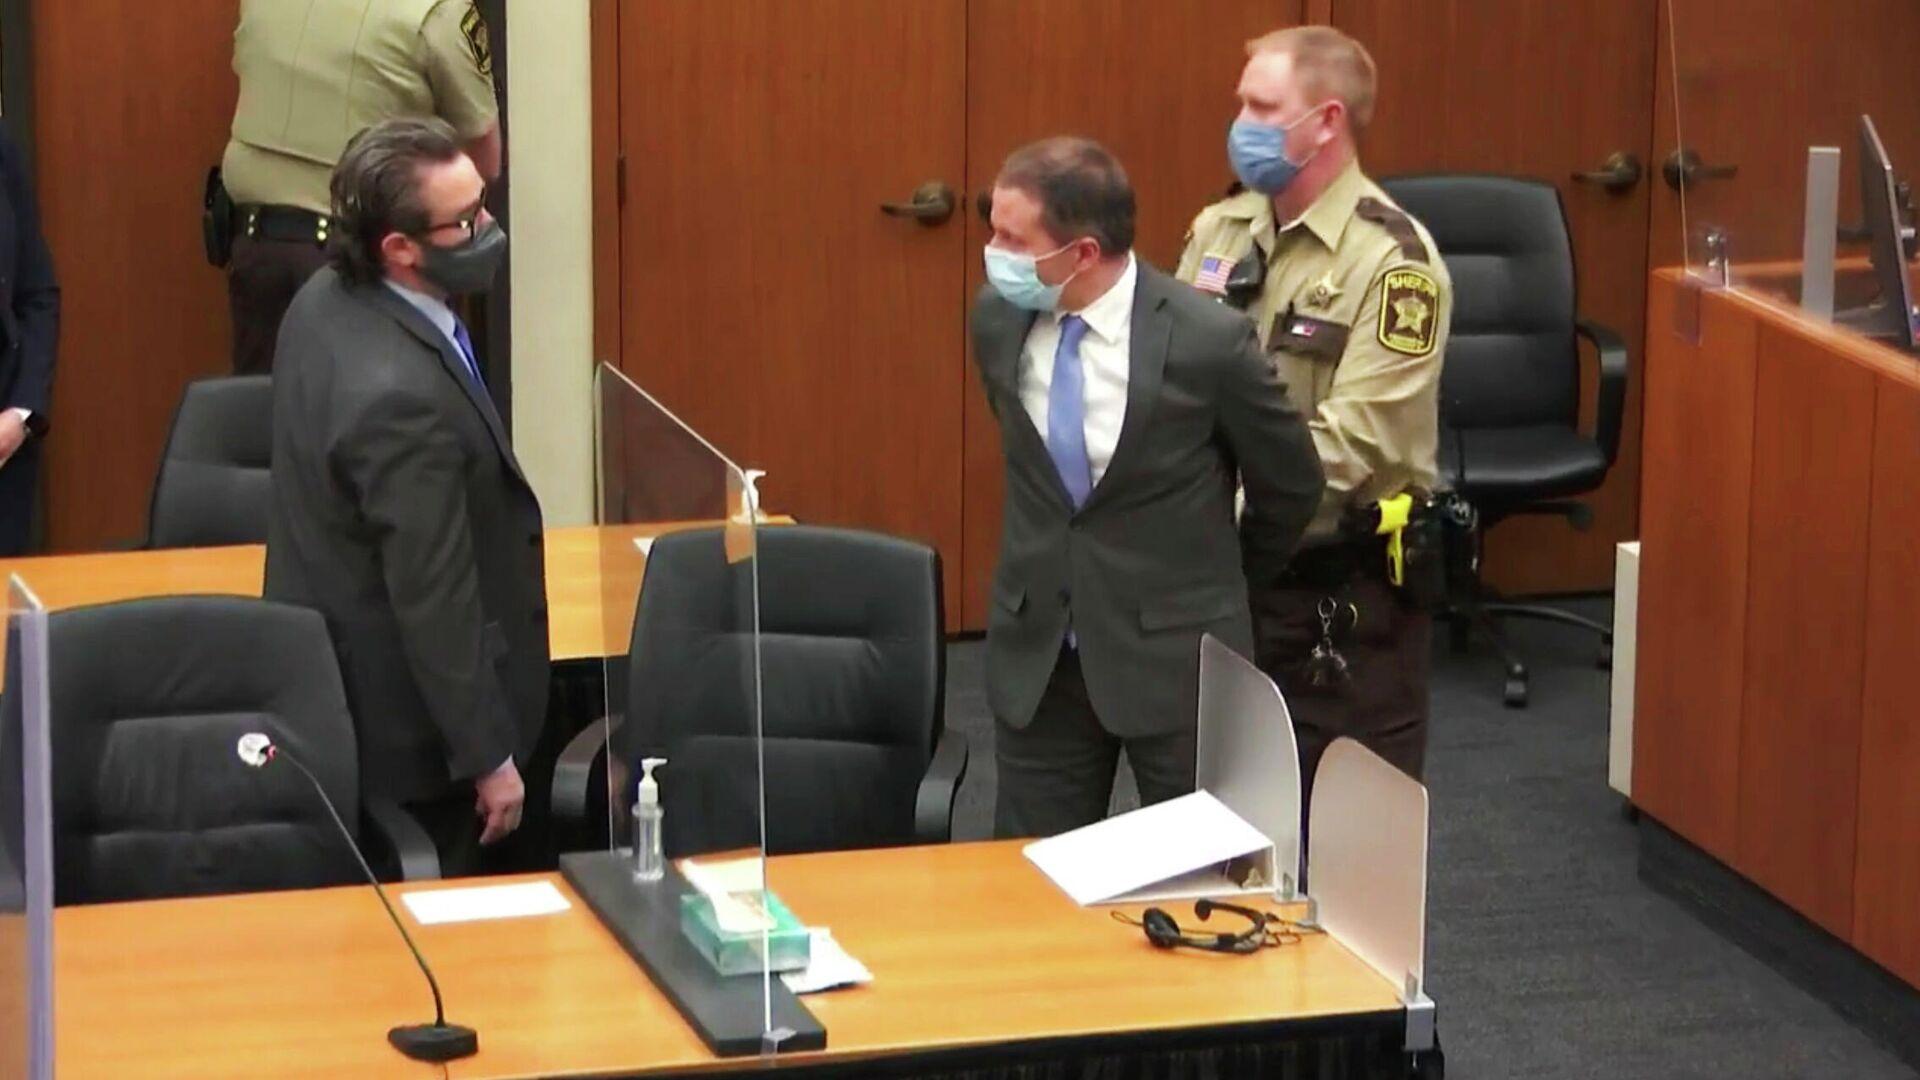 Экс-полицейский Дерек Шовин на слушаниях в суде по делу о смерти Джорджа Флойда - РИА Новости, 1920, 21.04.2021